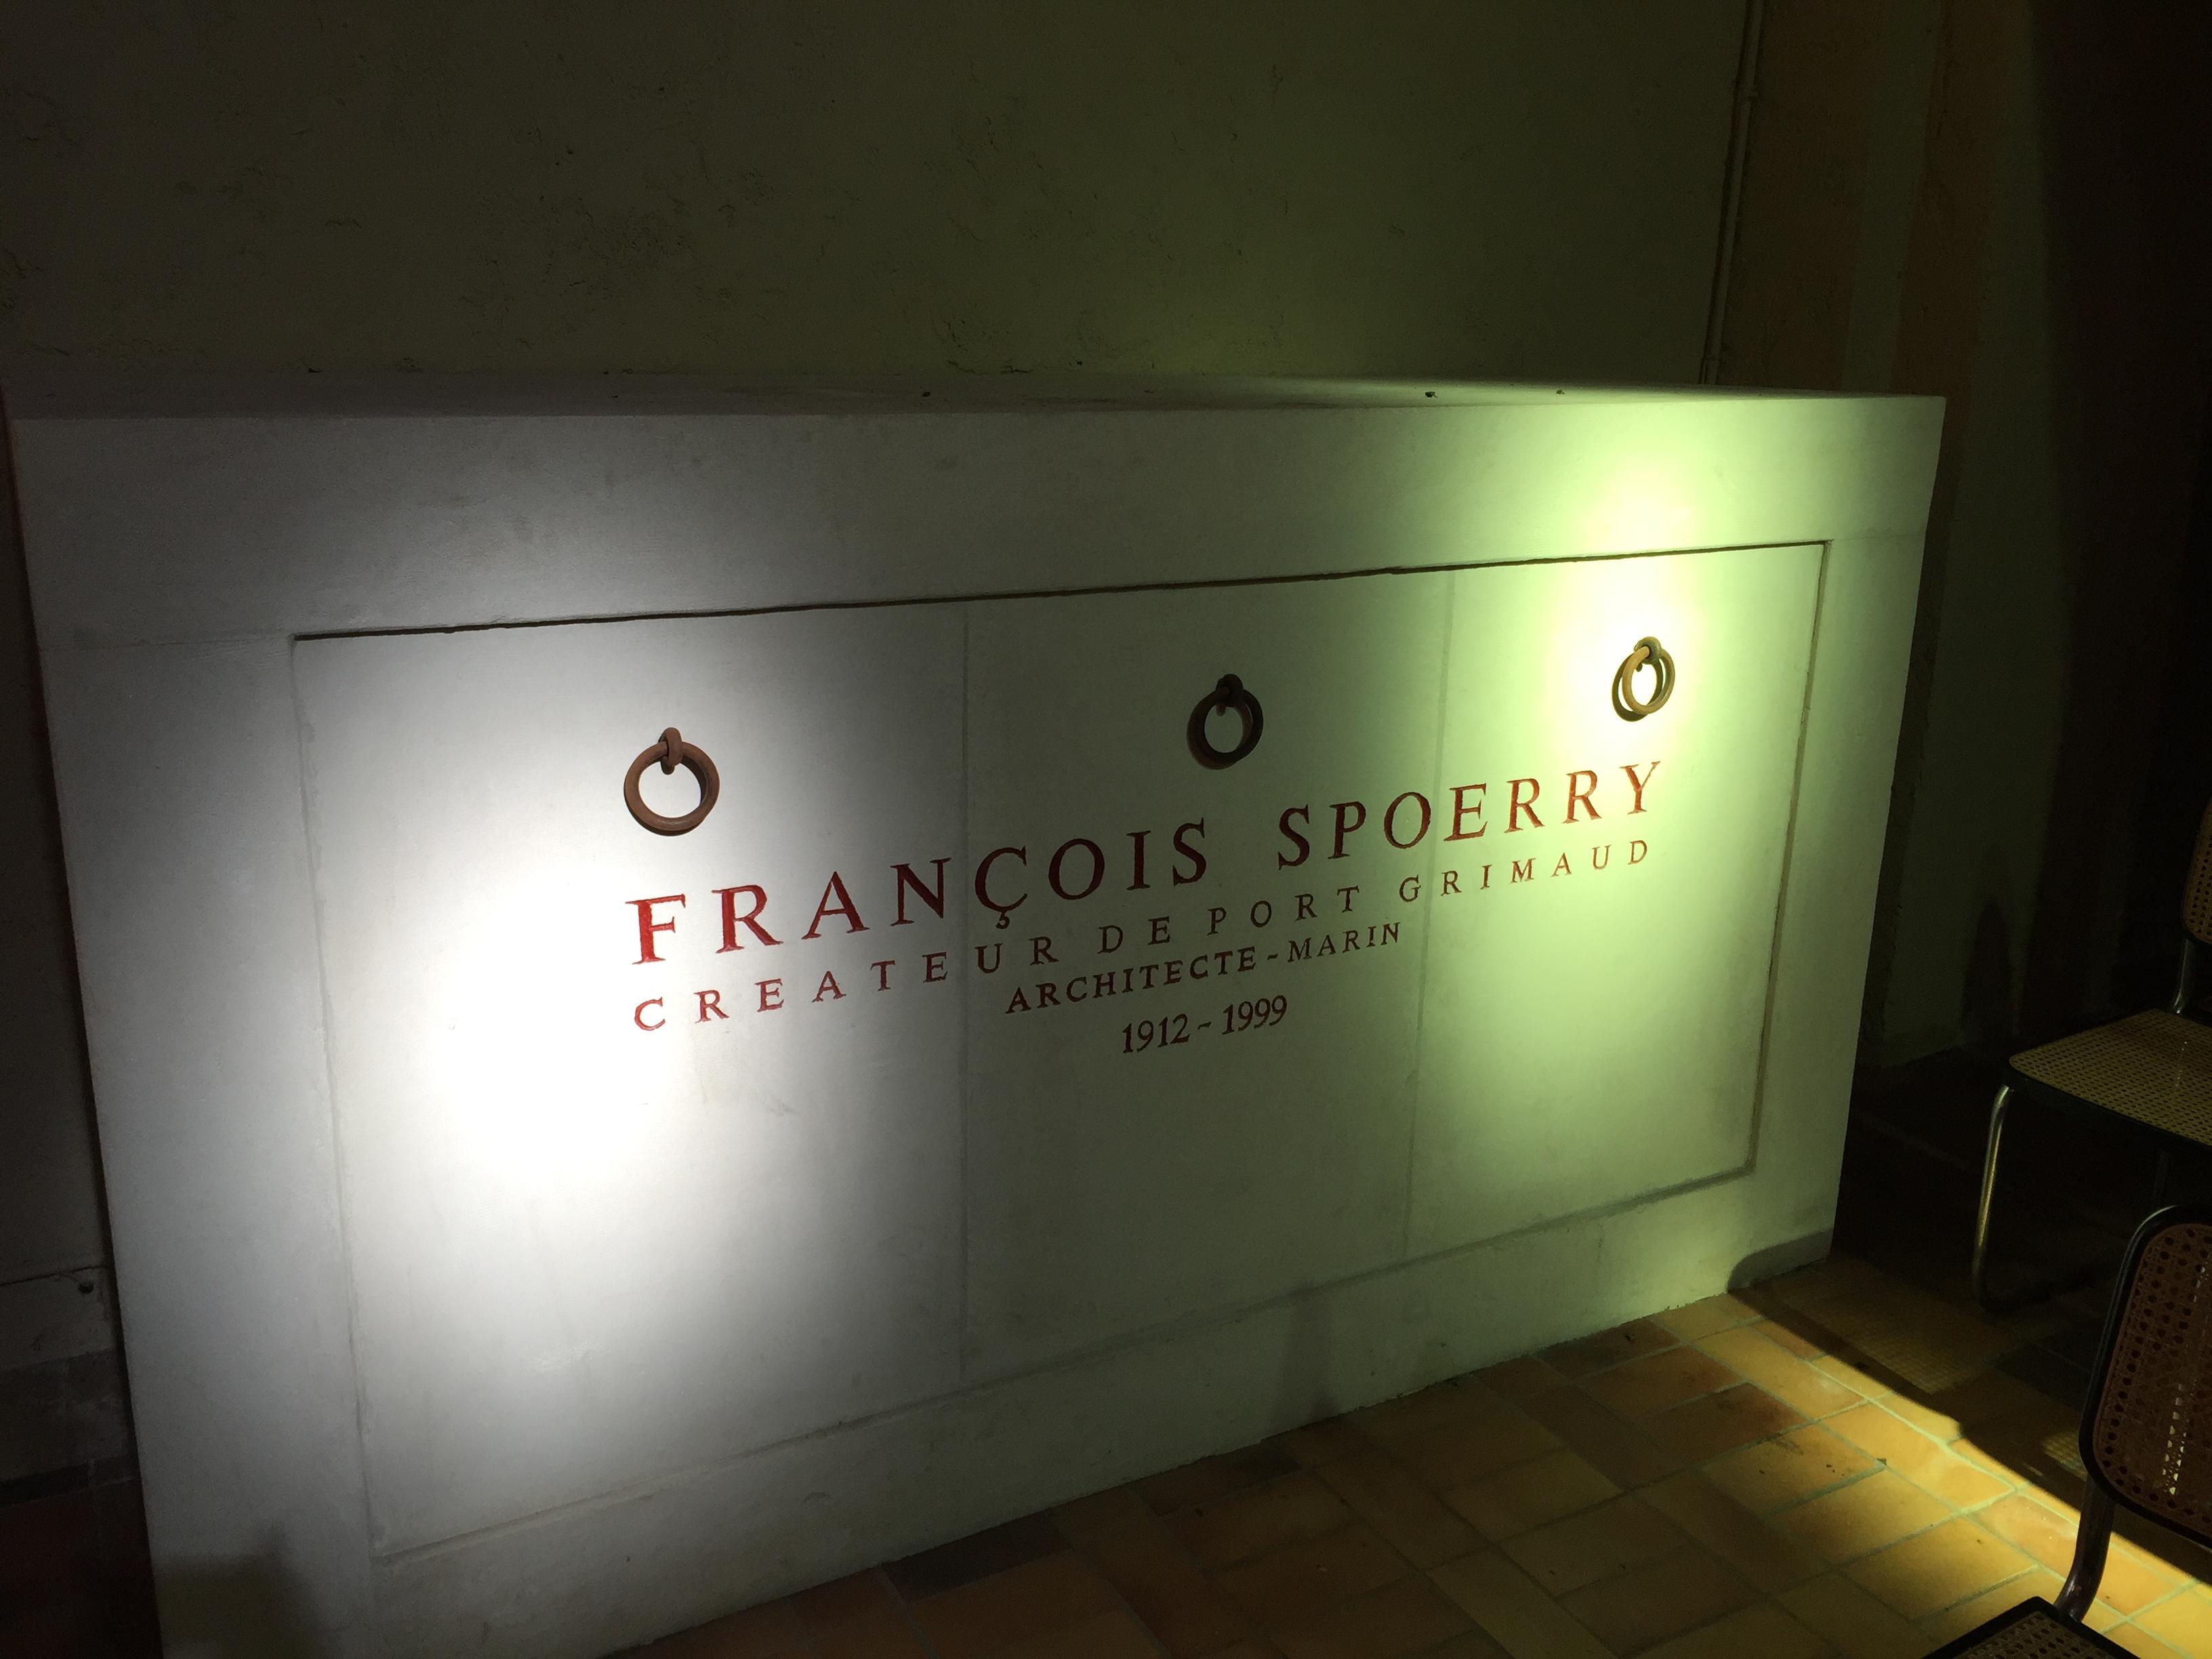 caveau françois spoerry